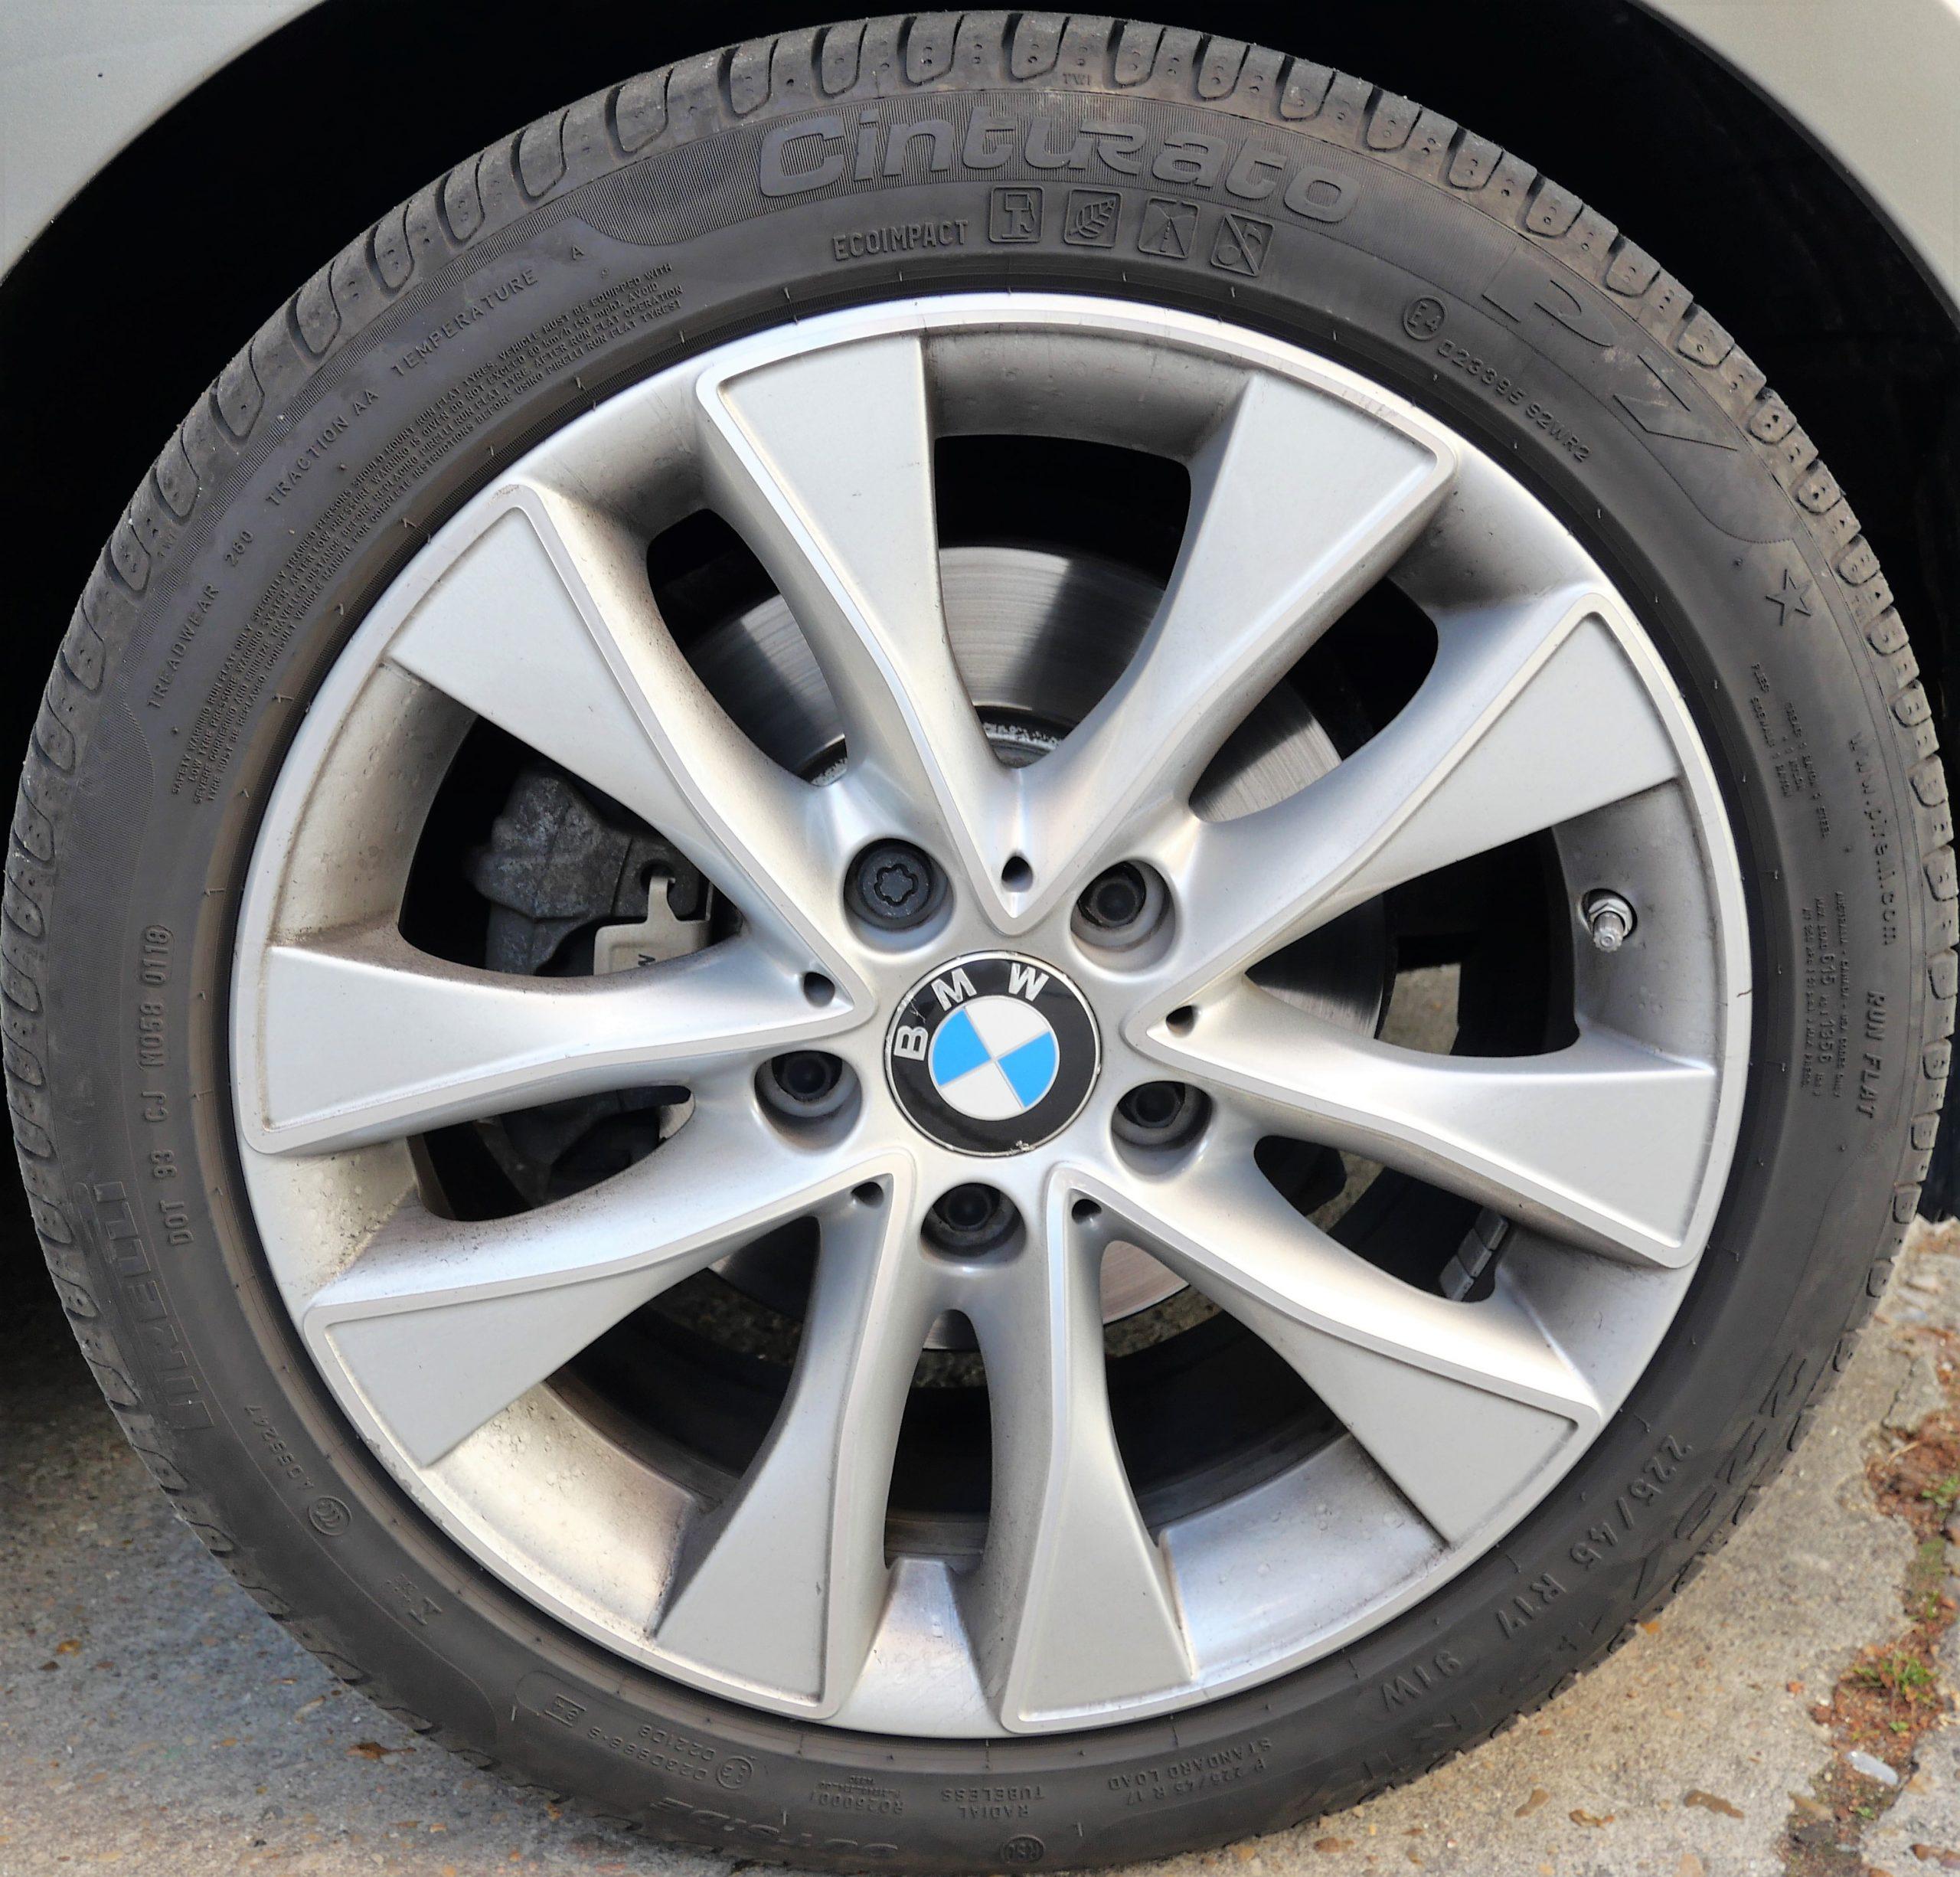 BMW Série 1 (F20) XDrive LCI 120d 2.0 d 190ch 21